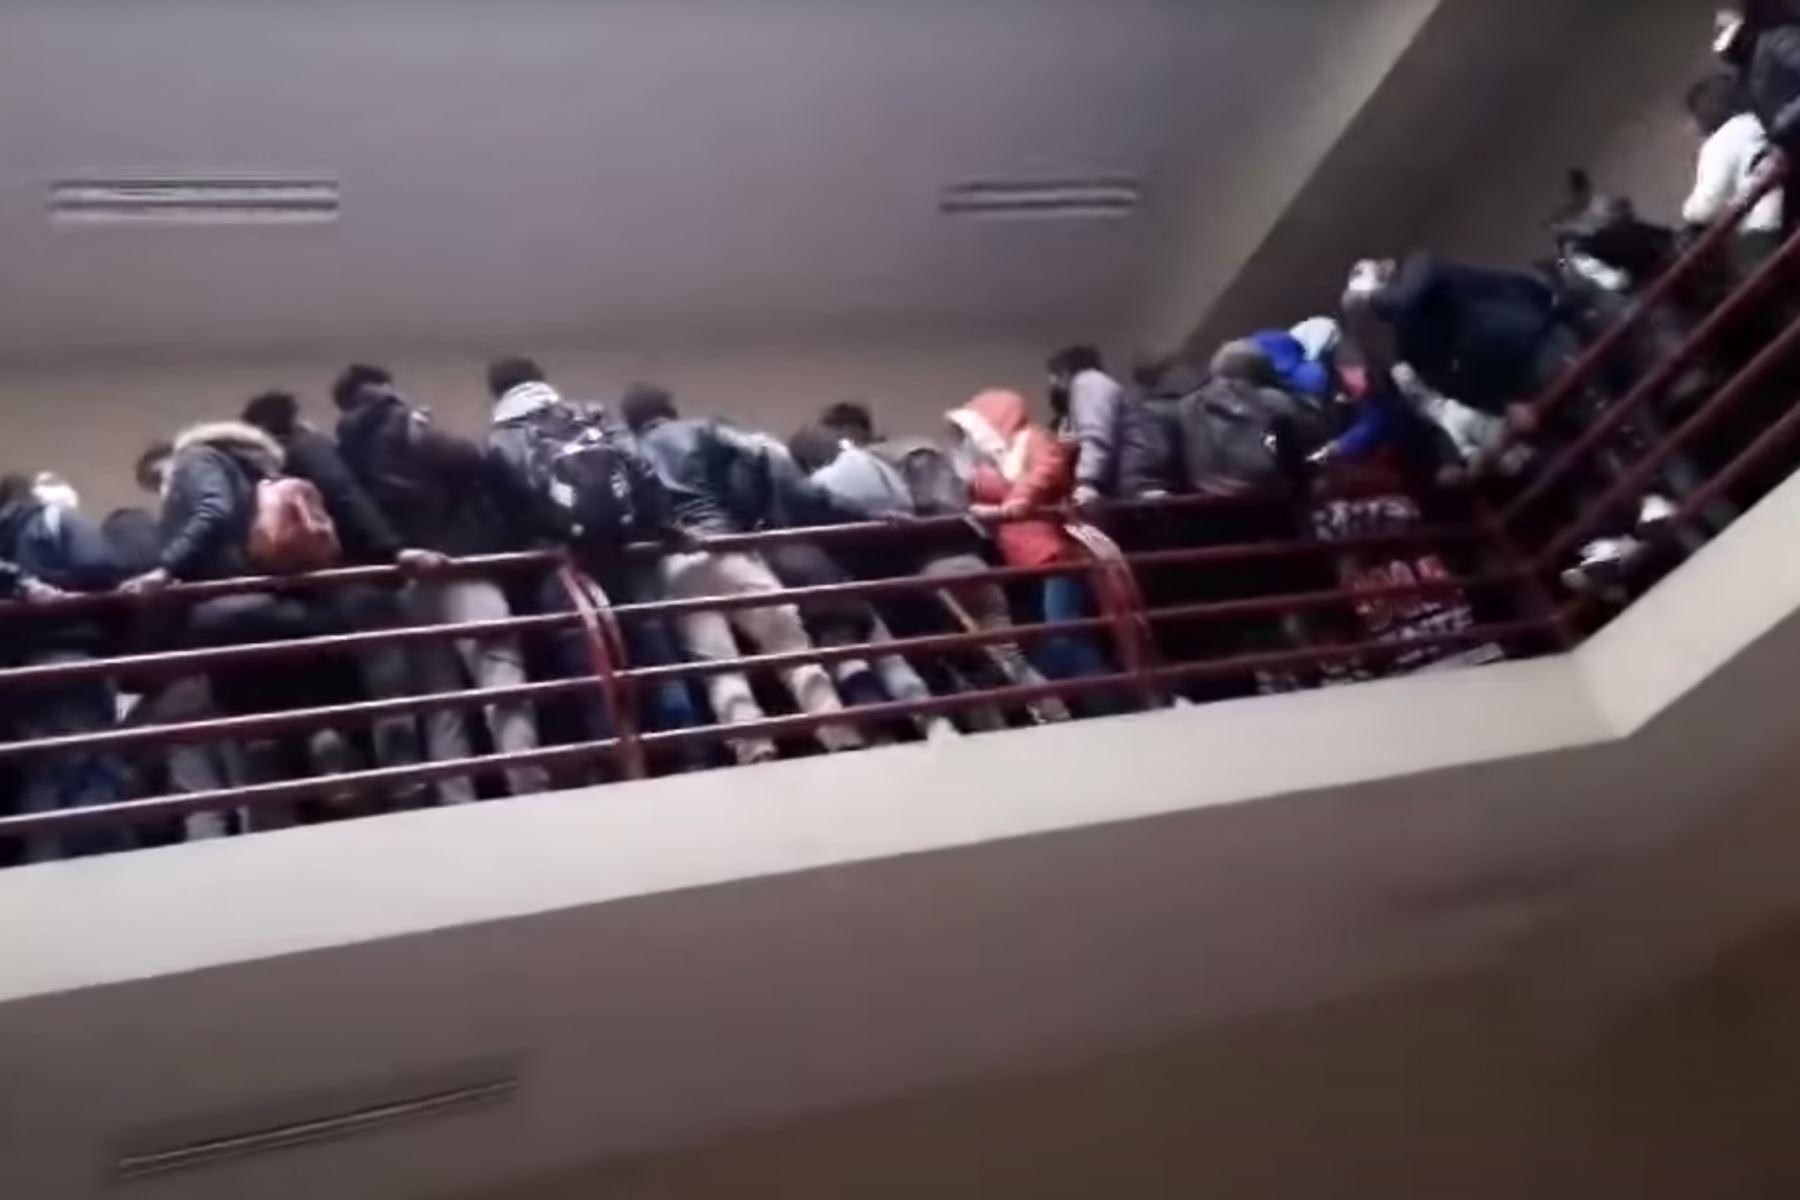 El accidente ocurrió en la Universidad Pública de El Alto (UPEA), donde los estudiantes fueron convocados a una asamblea en el cuarto piso. Foto: Captura de pantalla. Foto: AFP